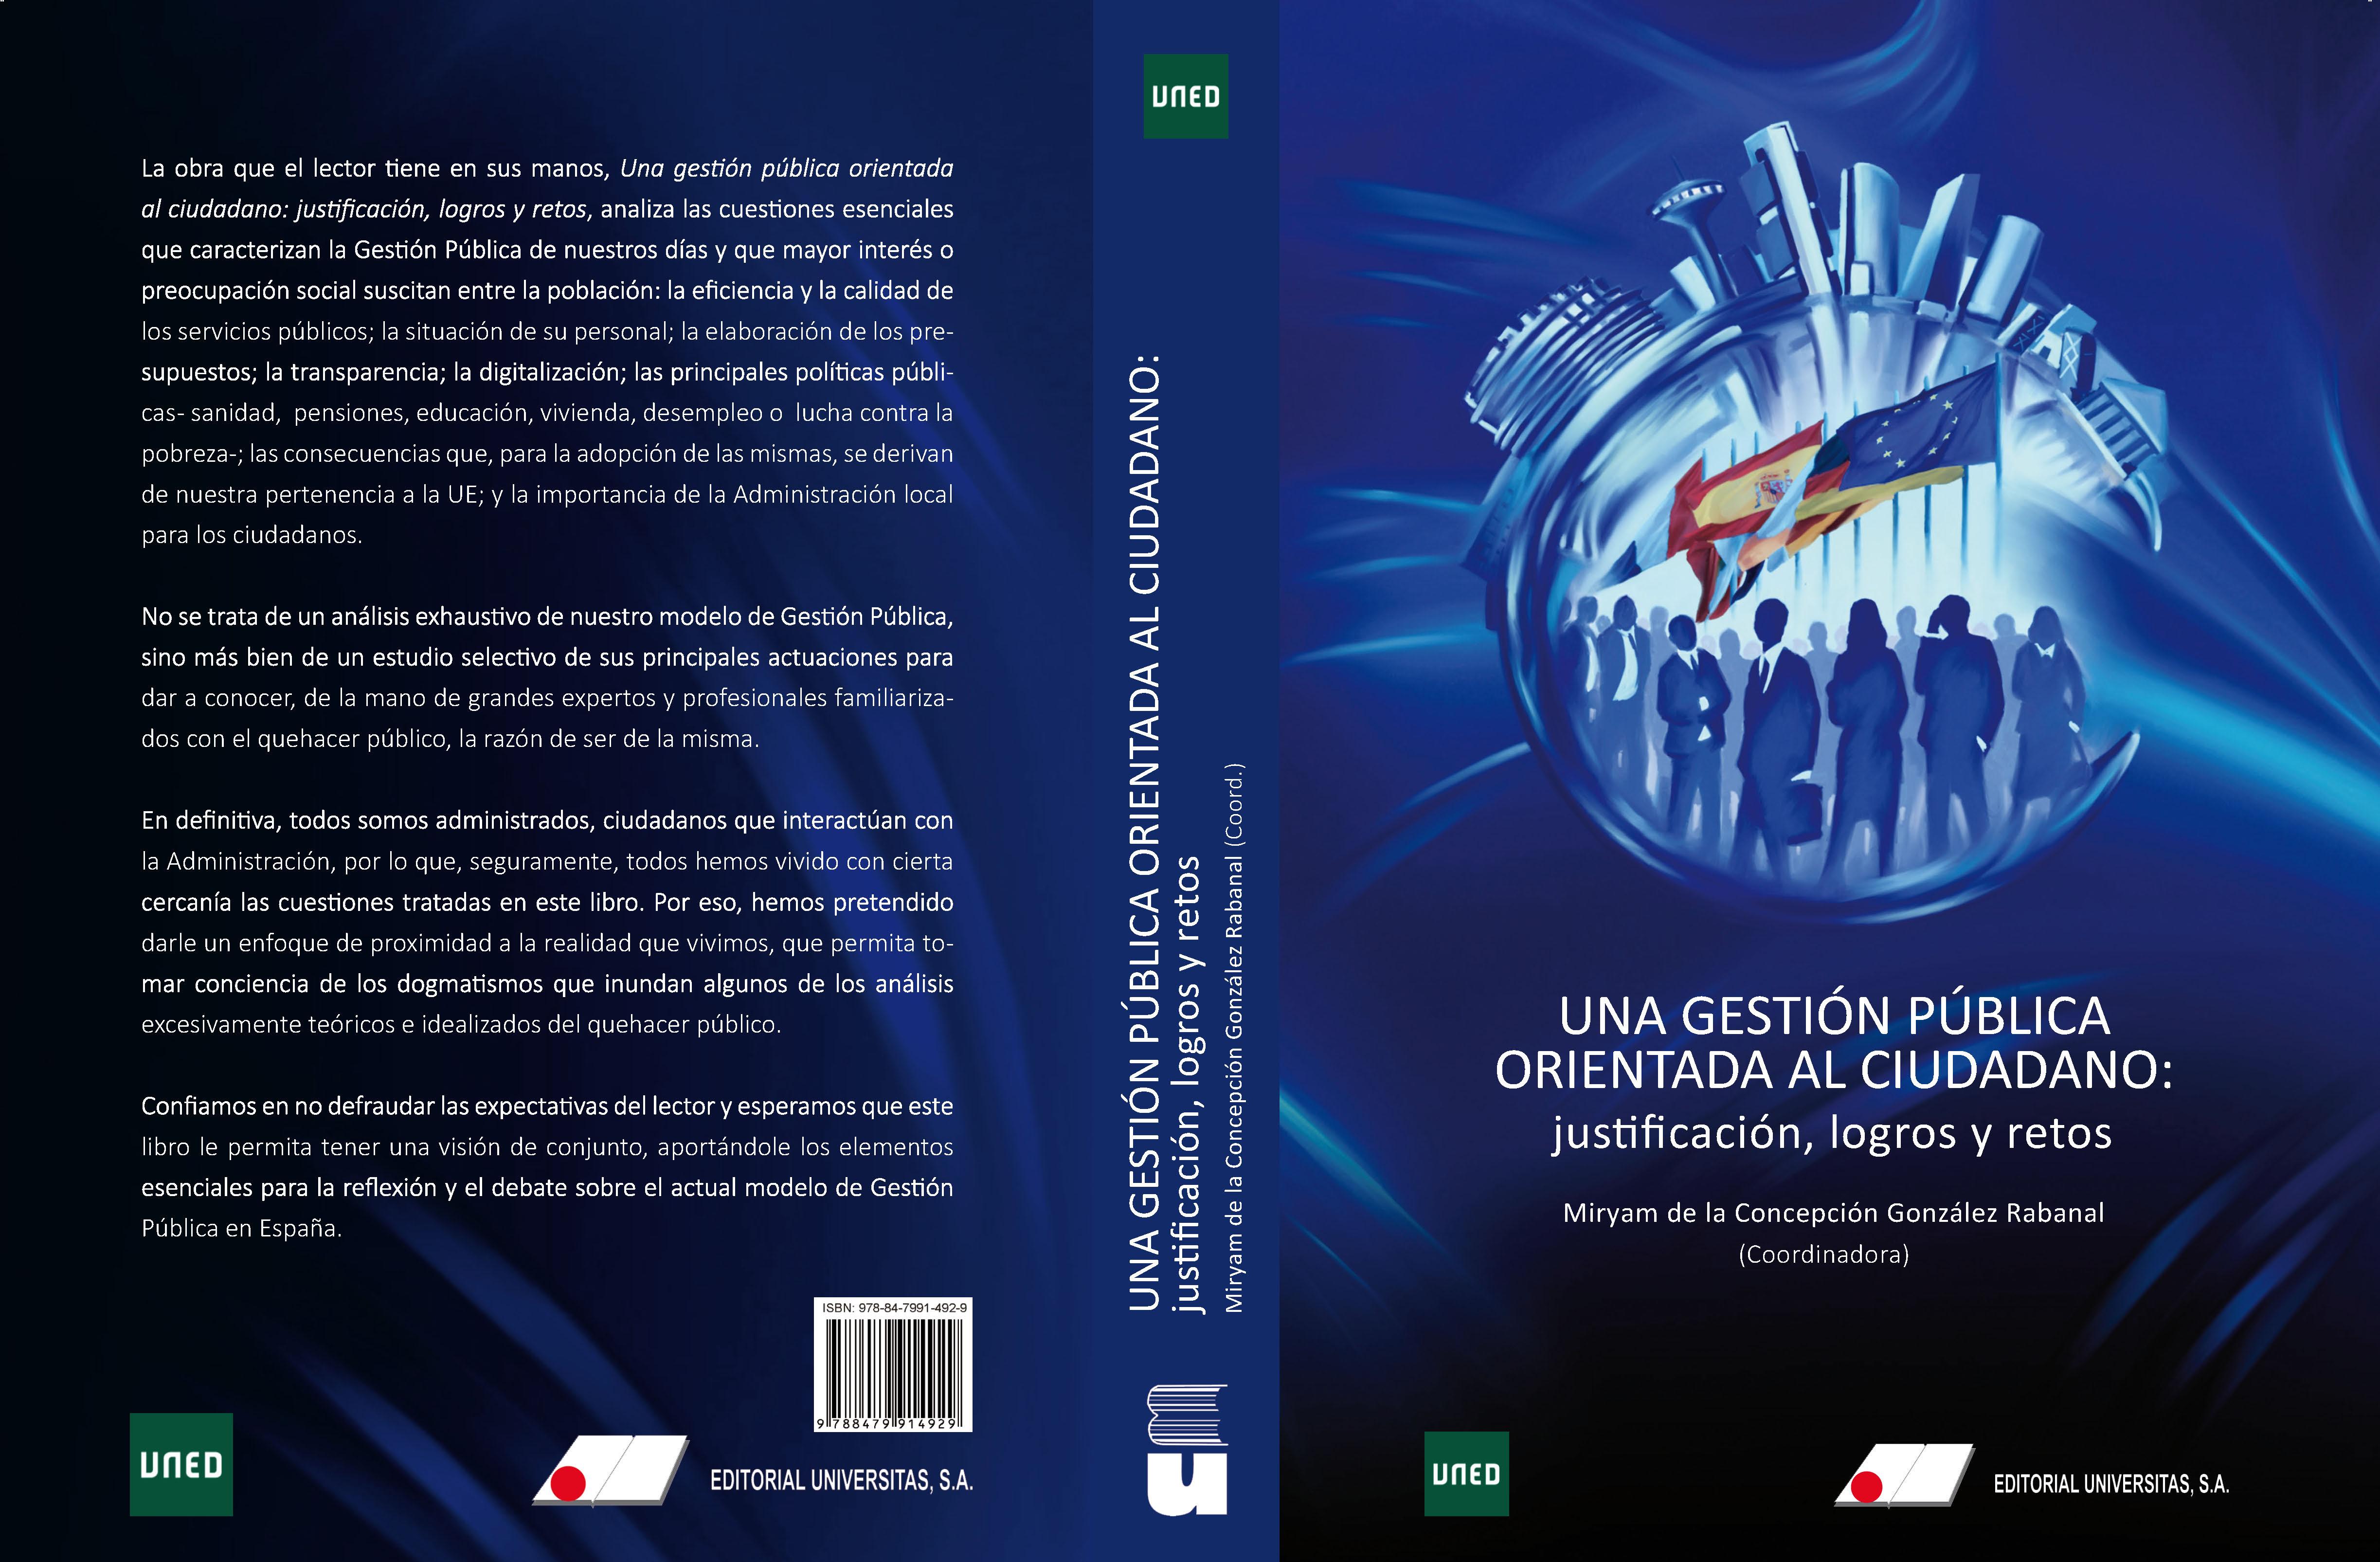 Portada de la publicación. Editoriales UNED y Editorial Universitas, S.A. Autor: Jaime Cazorla Sánchez